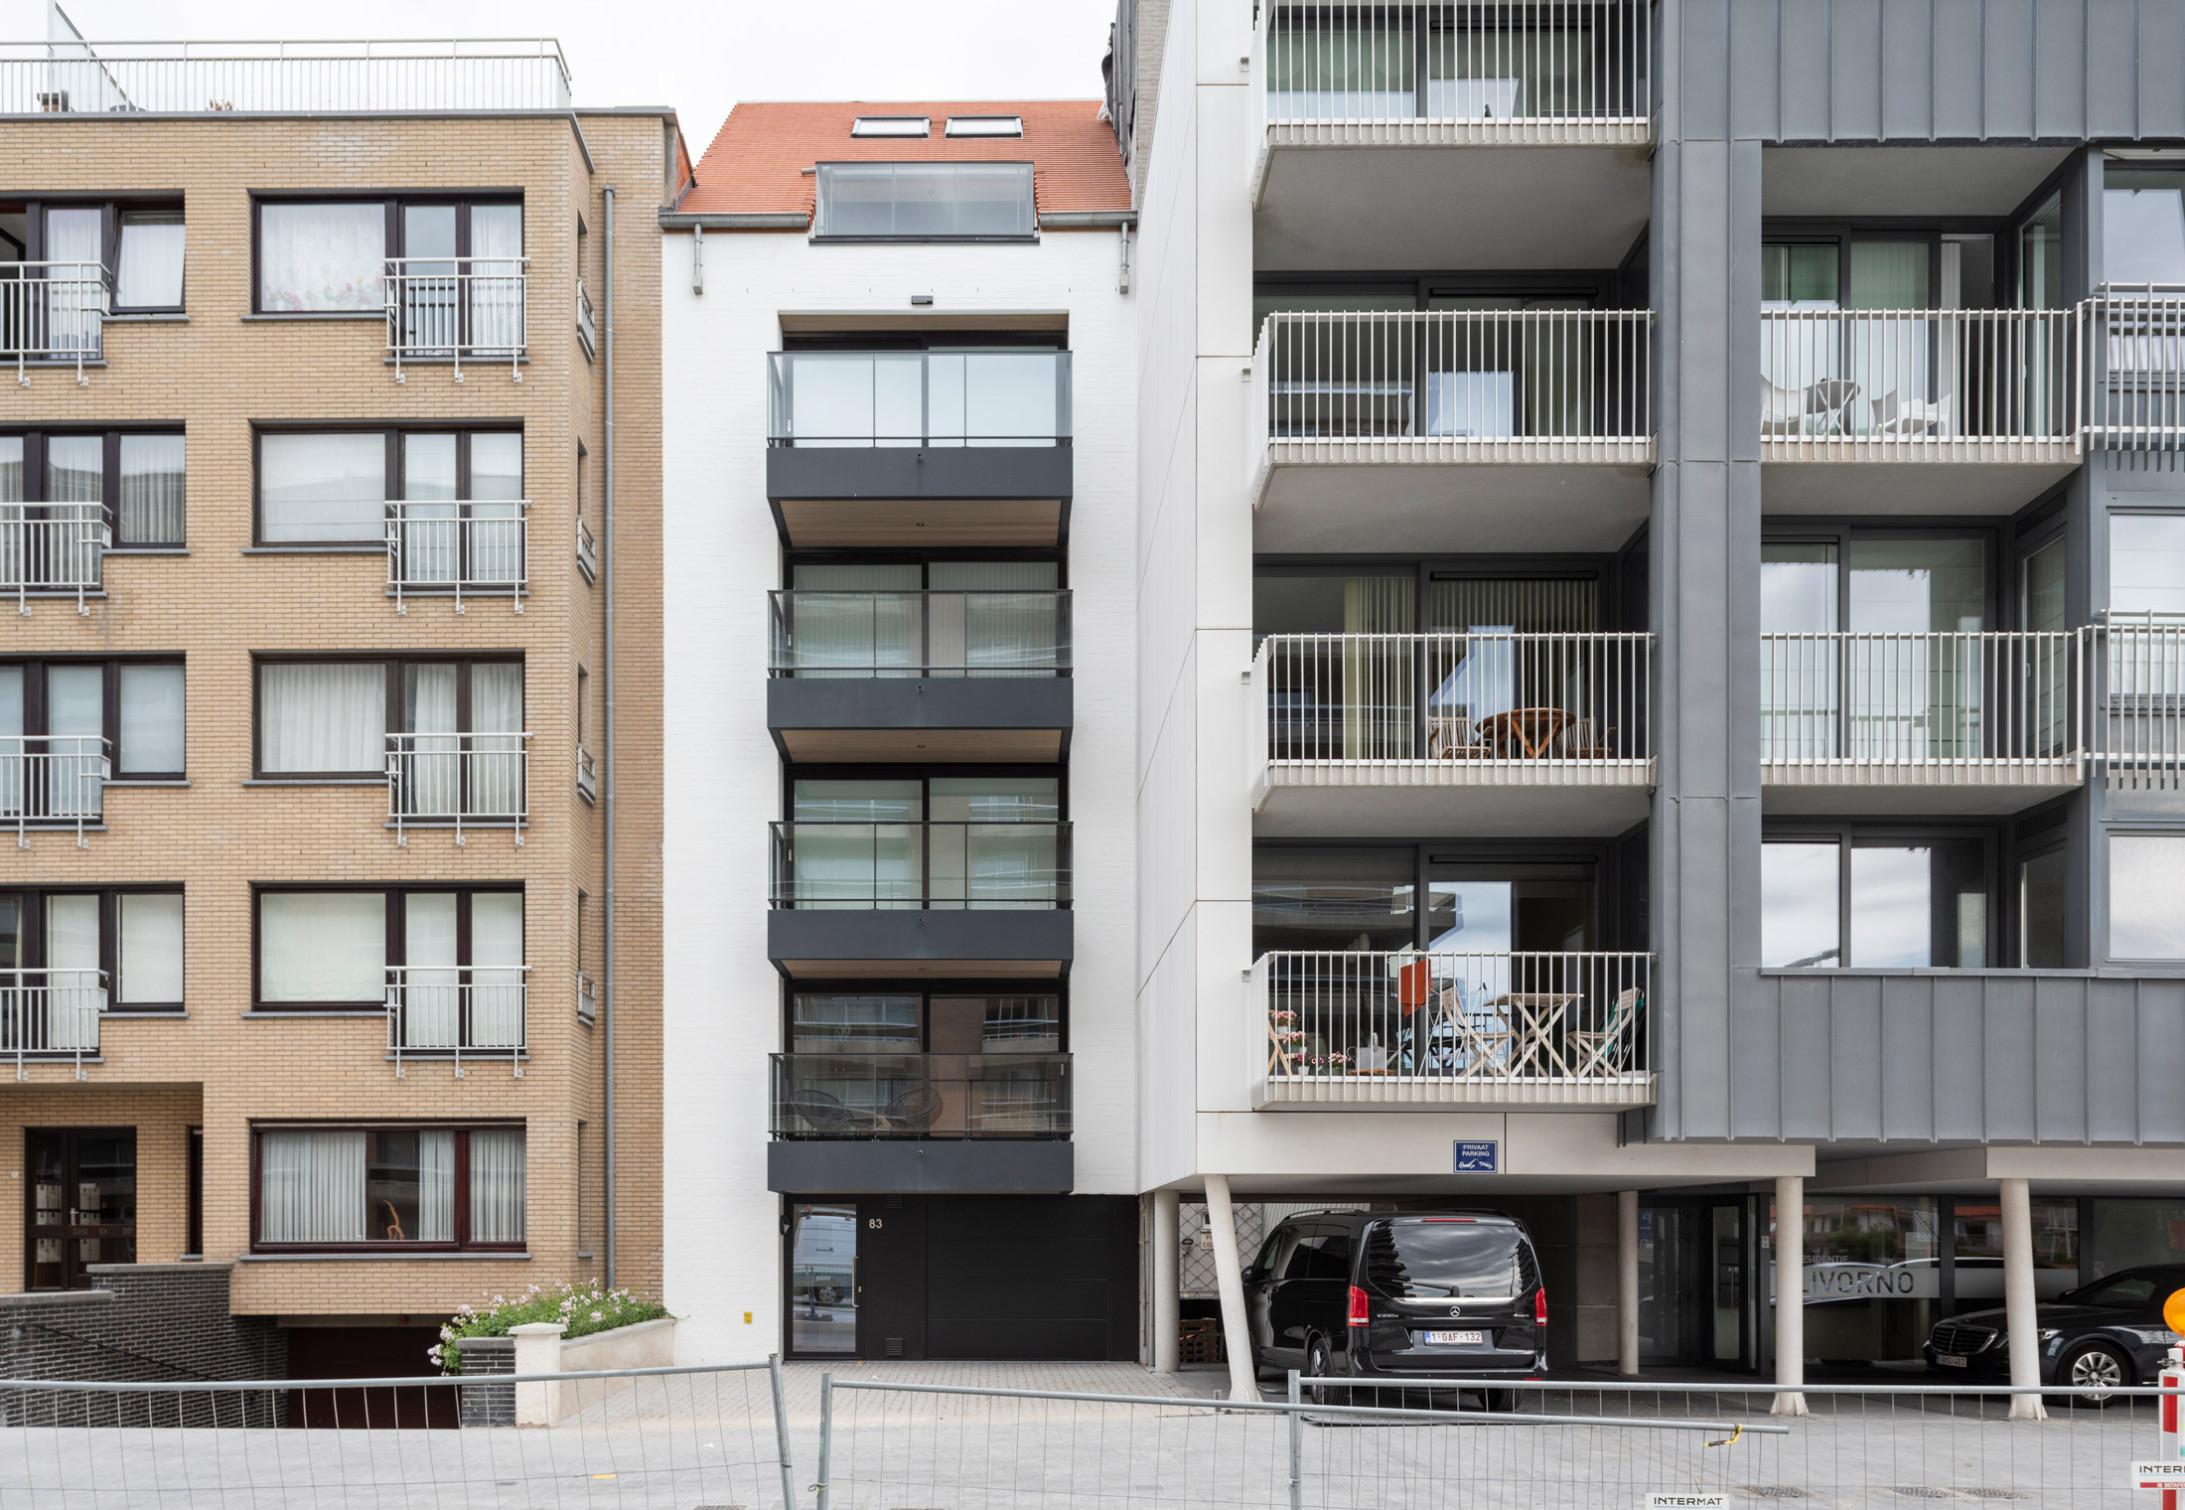 Meergezinswoning1_Nieuwpoort_Claeys Architecten.jpg